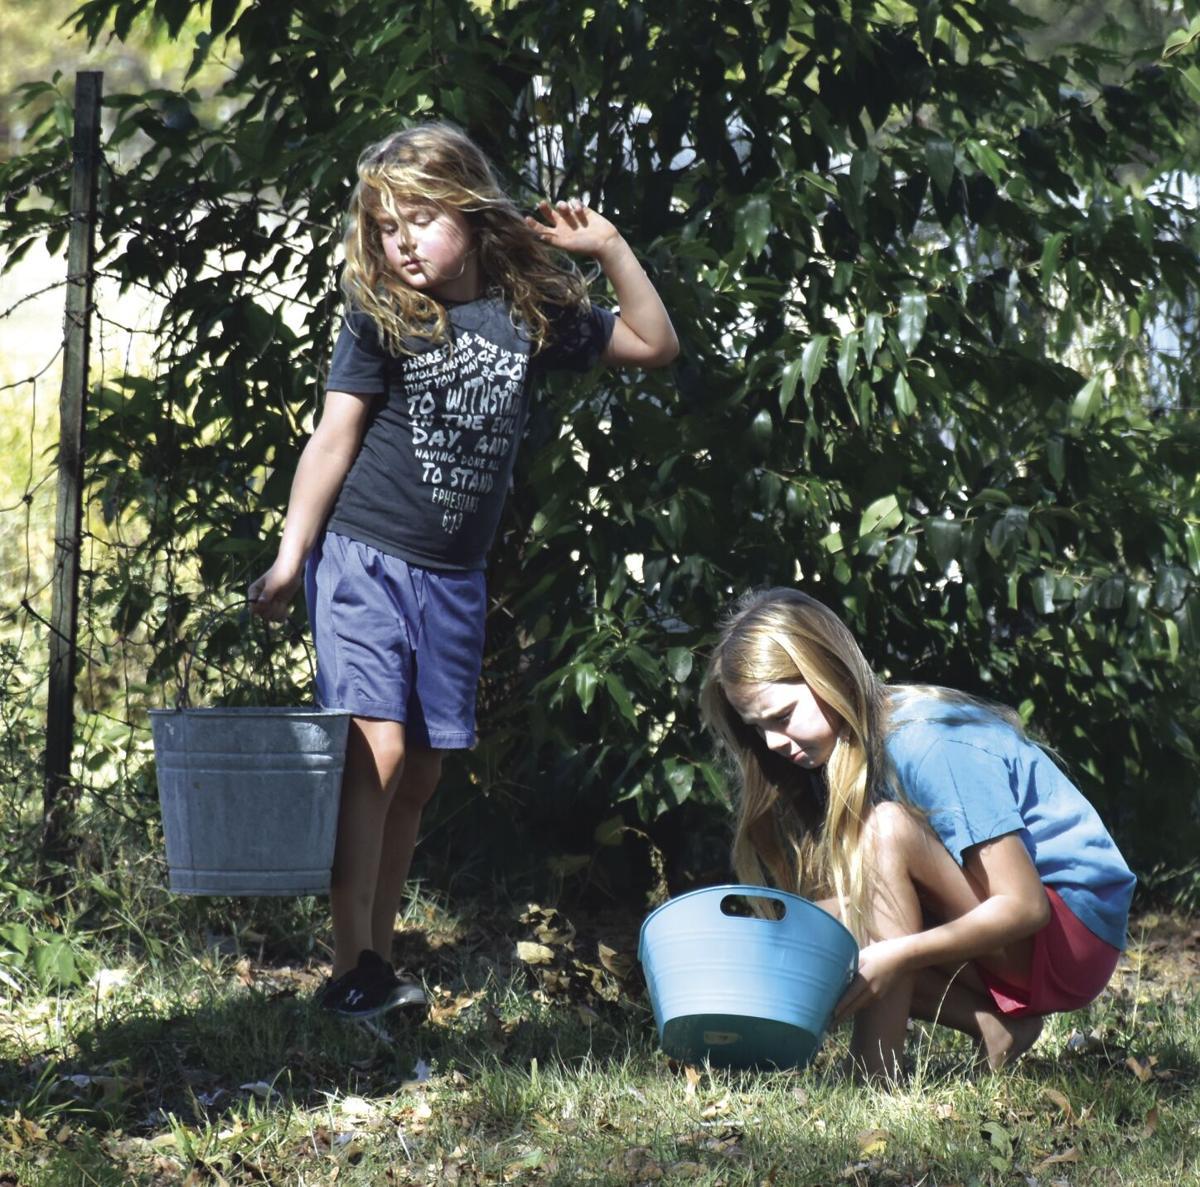 Picking walnuts